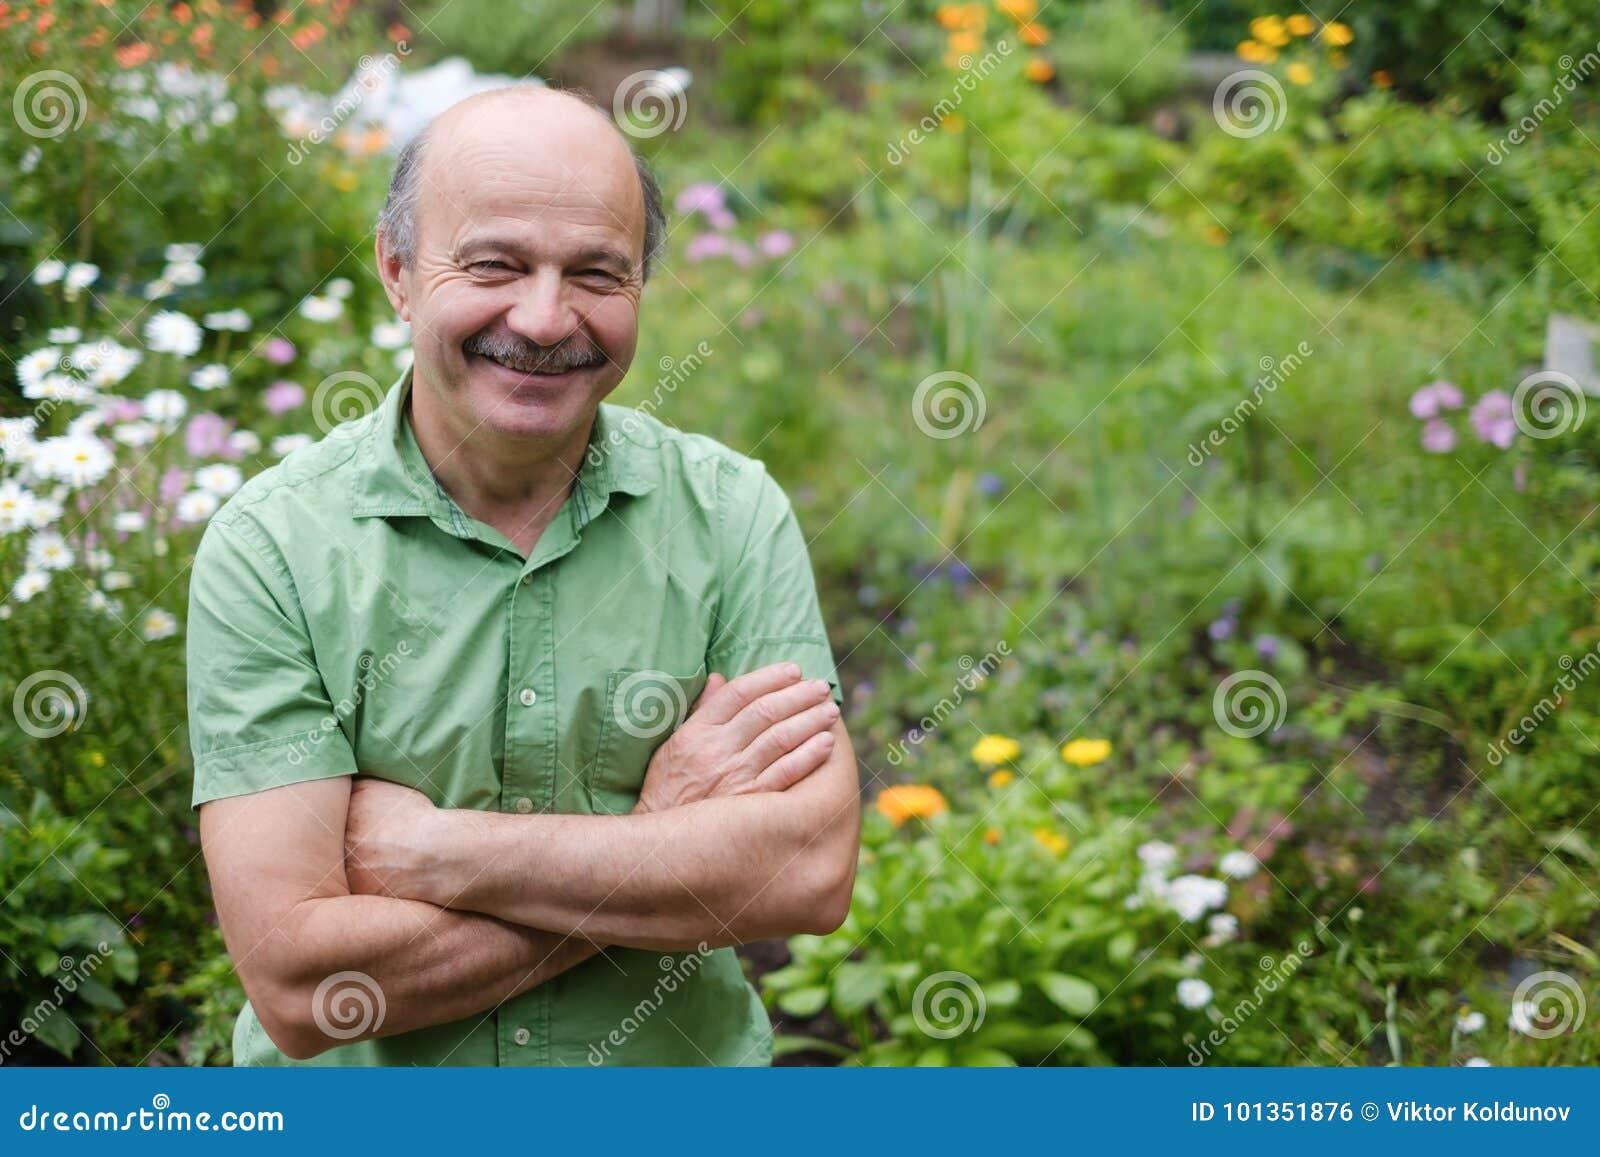 Starszy mężczyzna z wąsy i łysym punktem w zielonej koszulce stoi wśród kwiatów w lato ogródzie, ręki